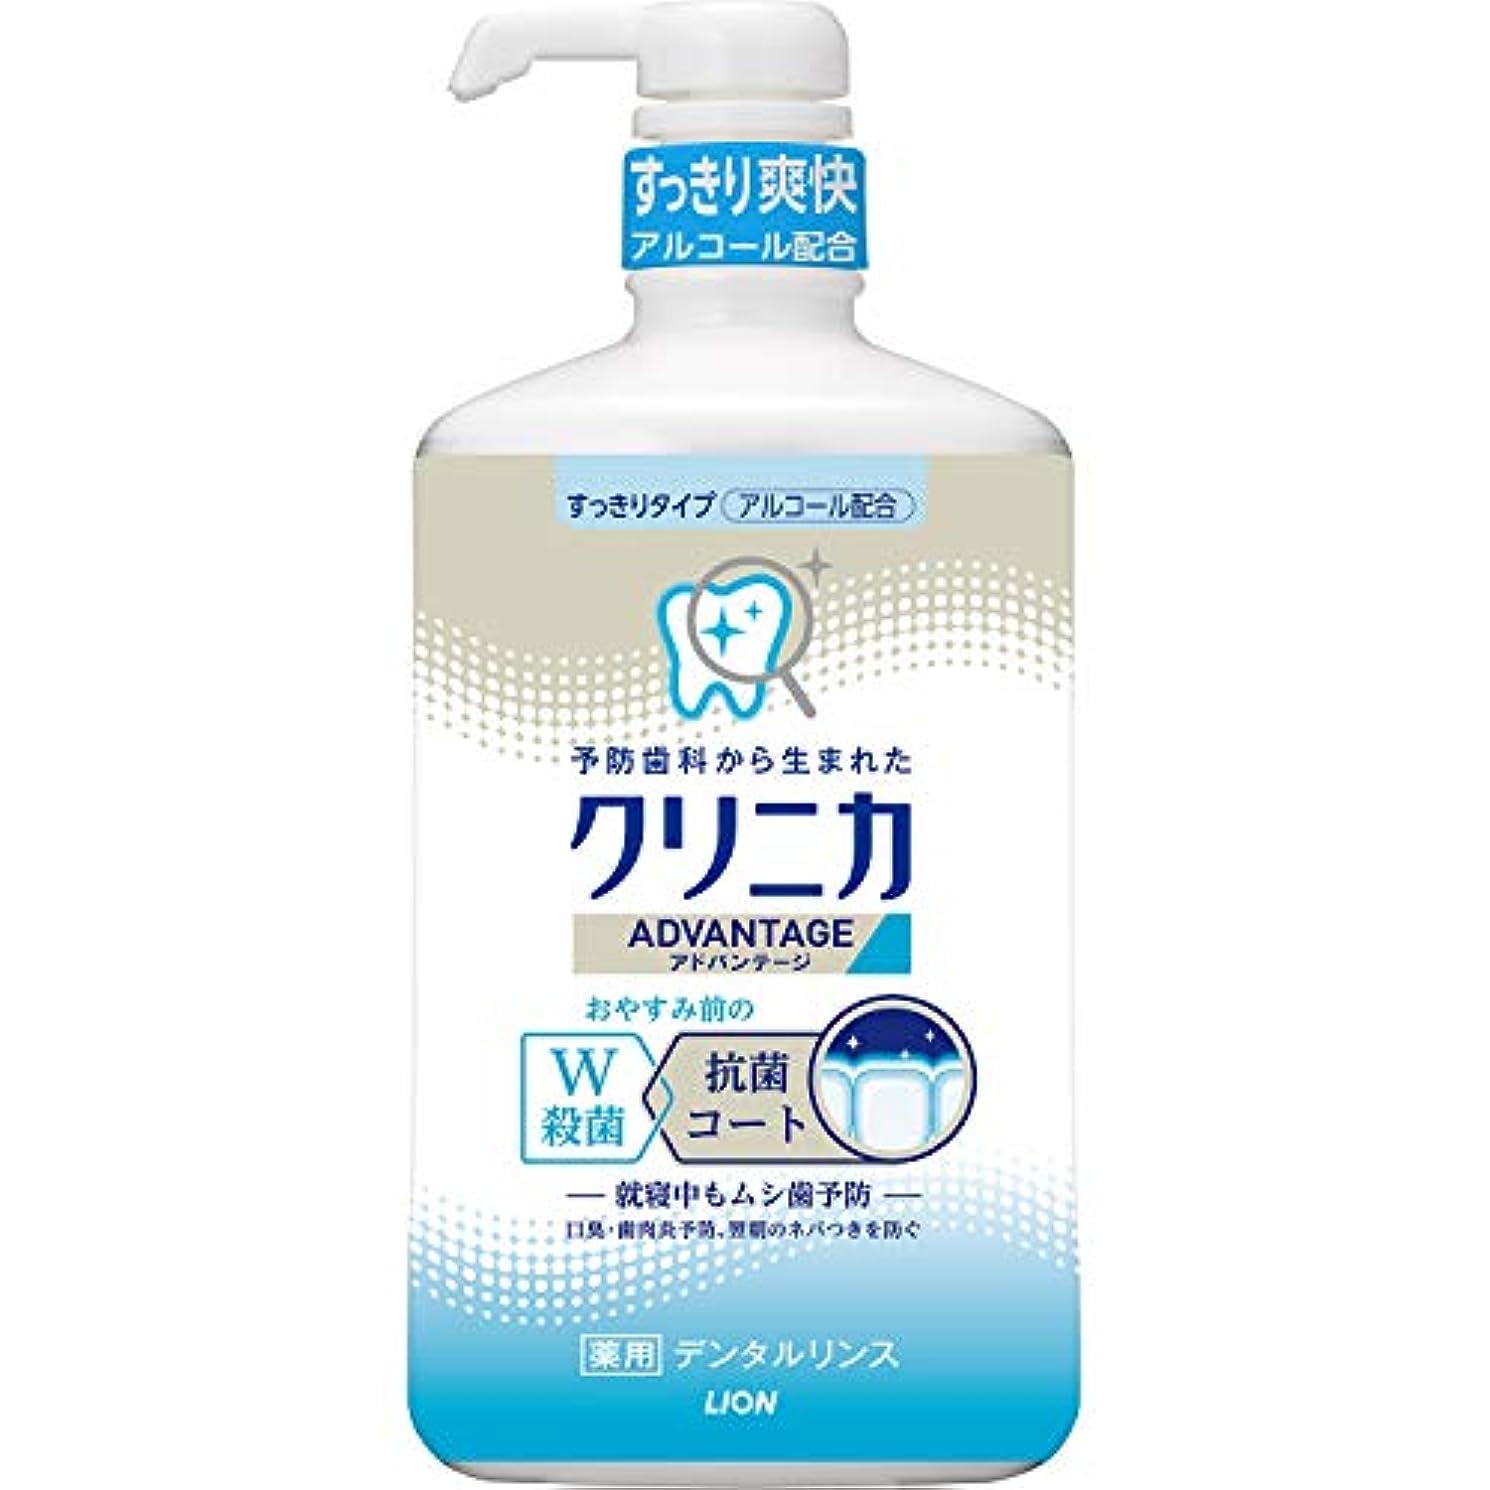 プット反応する乱気流クリニカアドバンテージ デンタルリンス すっきりタイプ(アルコール配合) 900mL 液体歯磨 (医薬部外品)